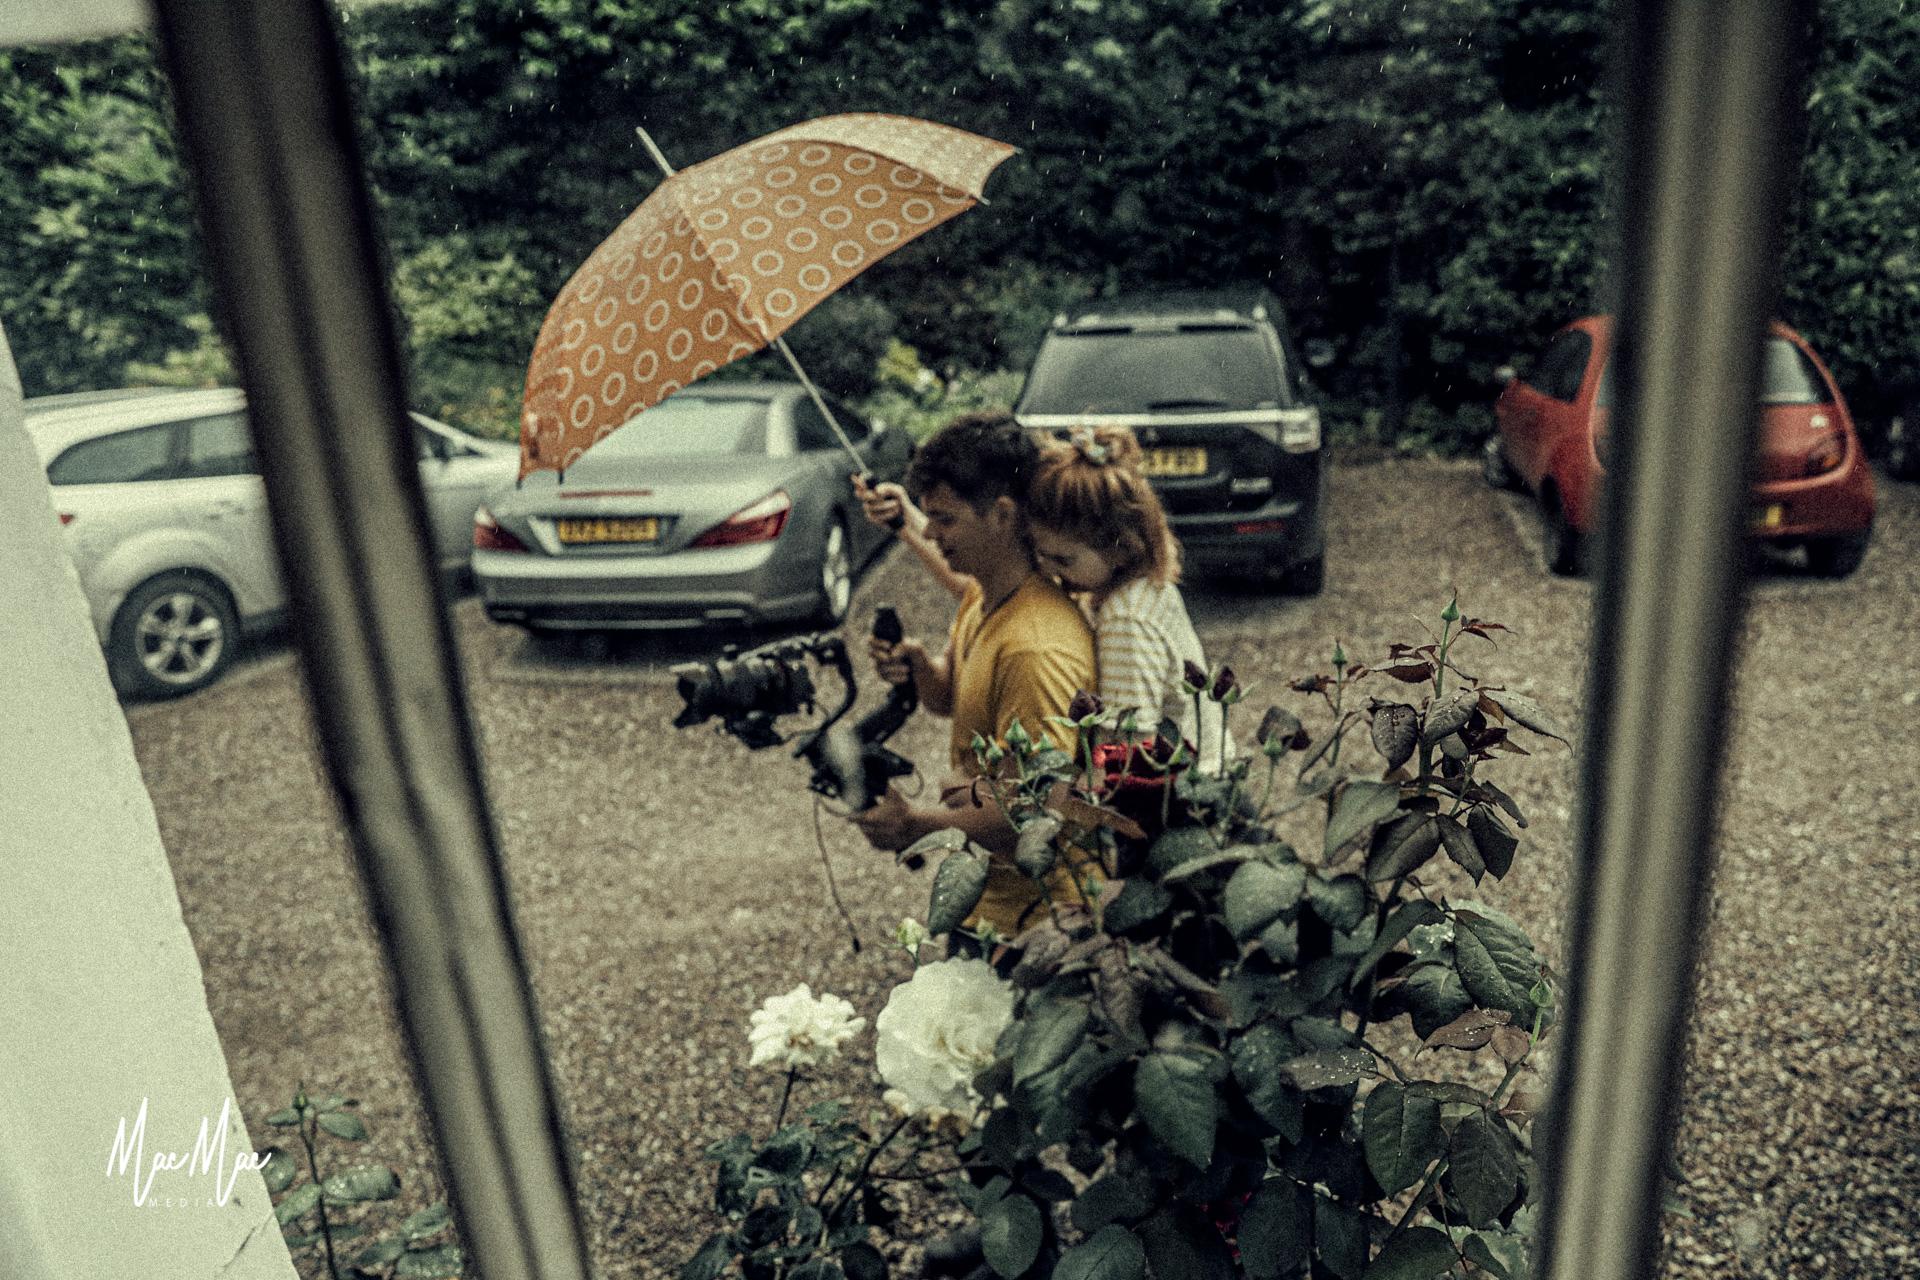 Evergreen Video Shoot - Matty Burke - June 2019